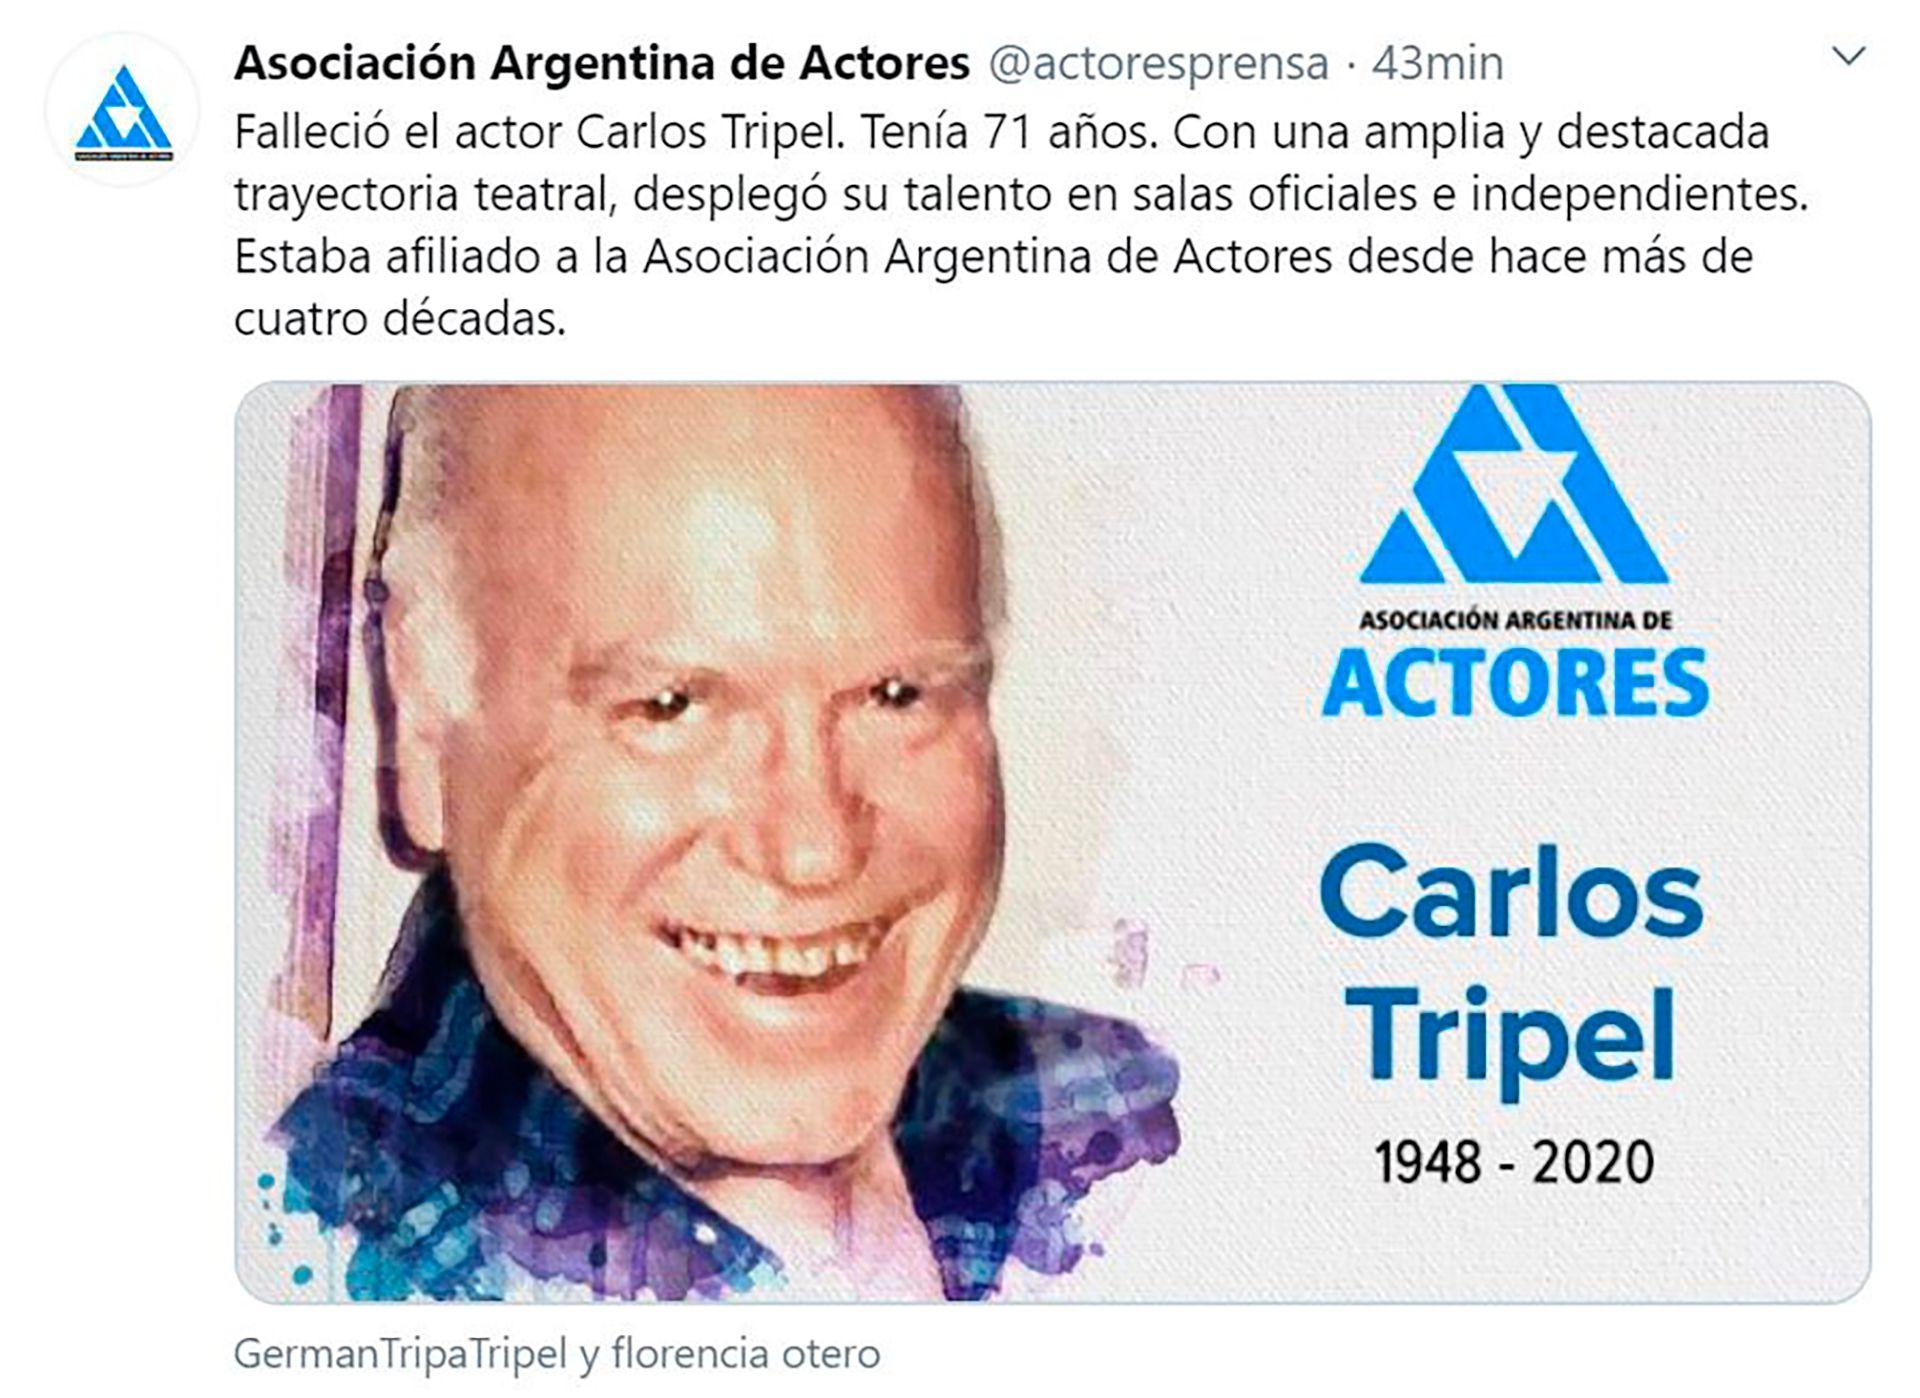 El mensaje de la Asociación Argentina de Actores (AAA)